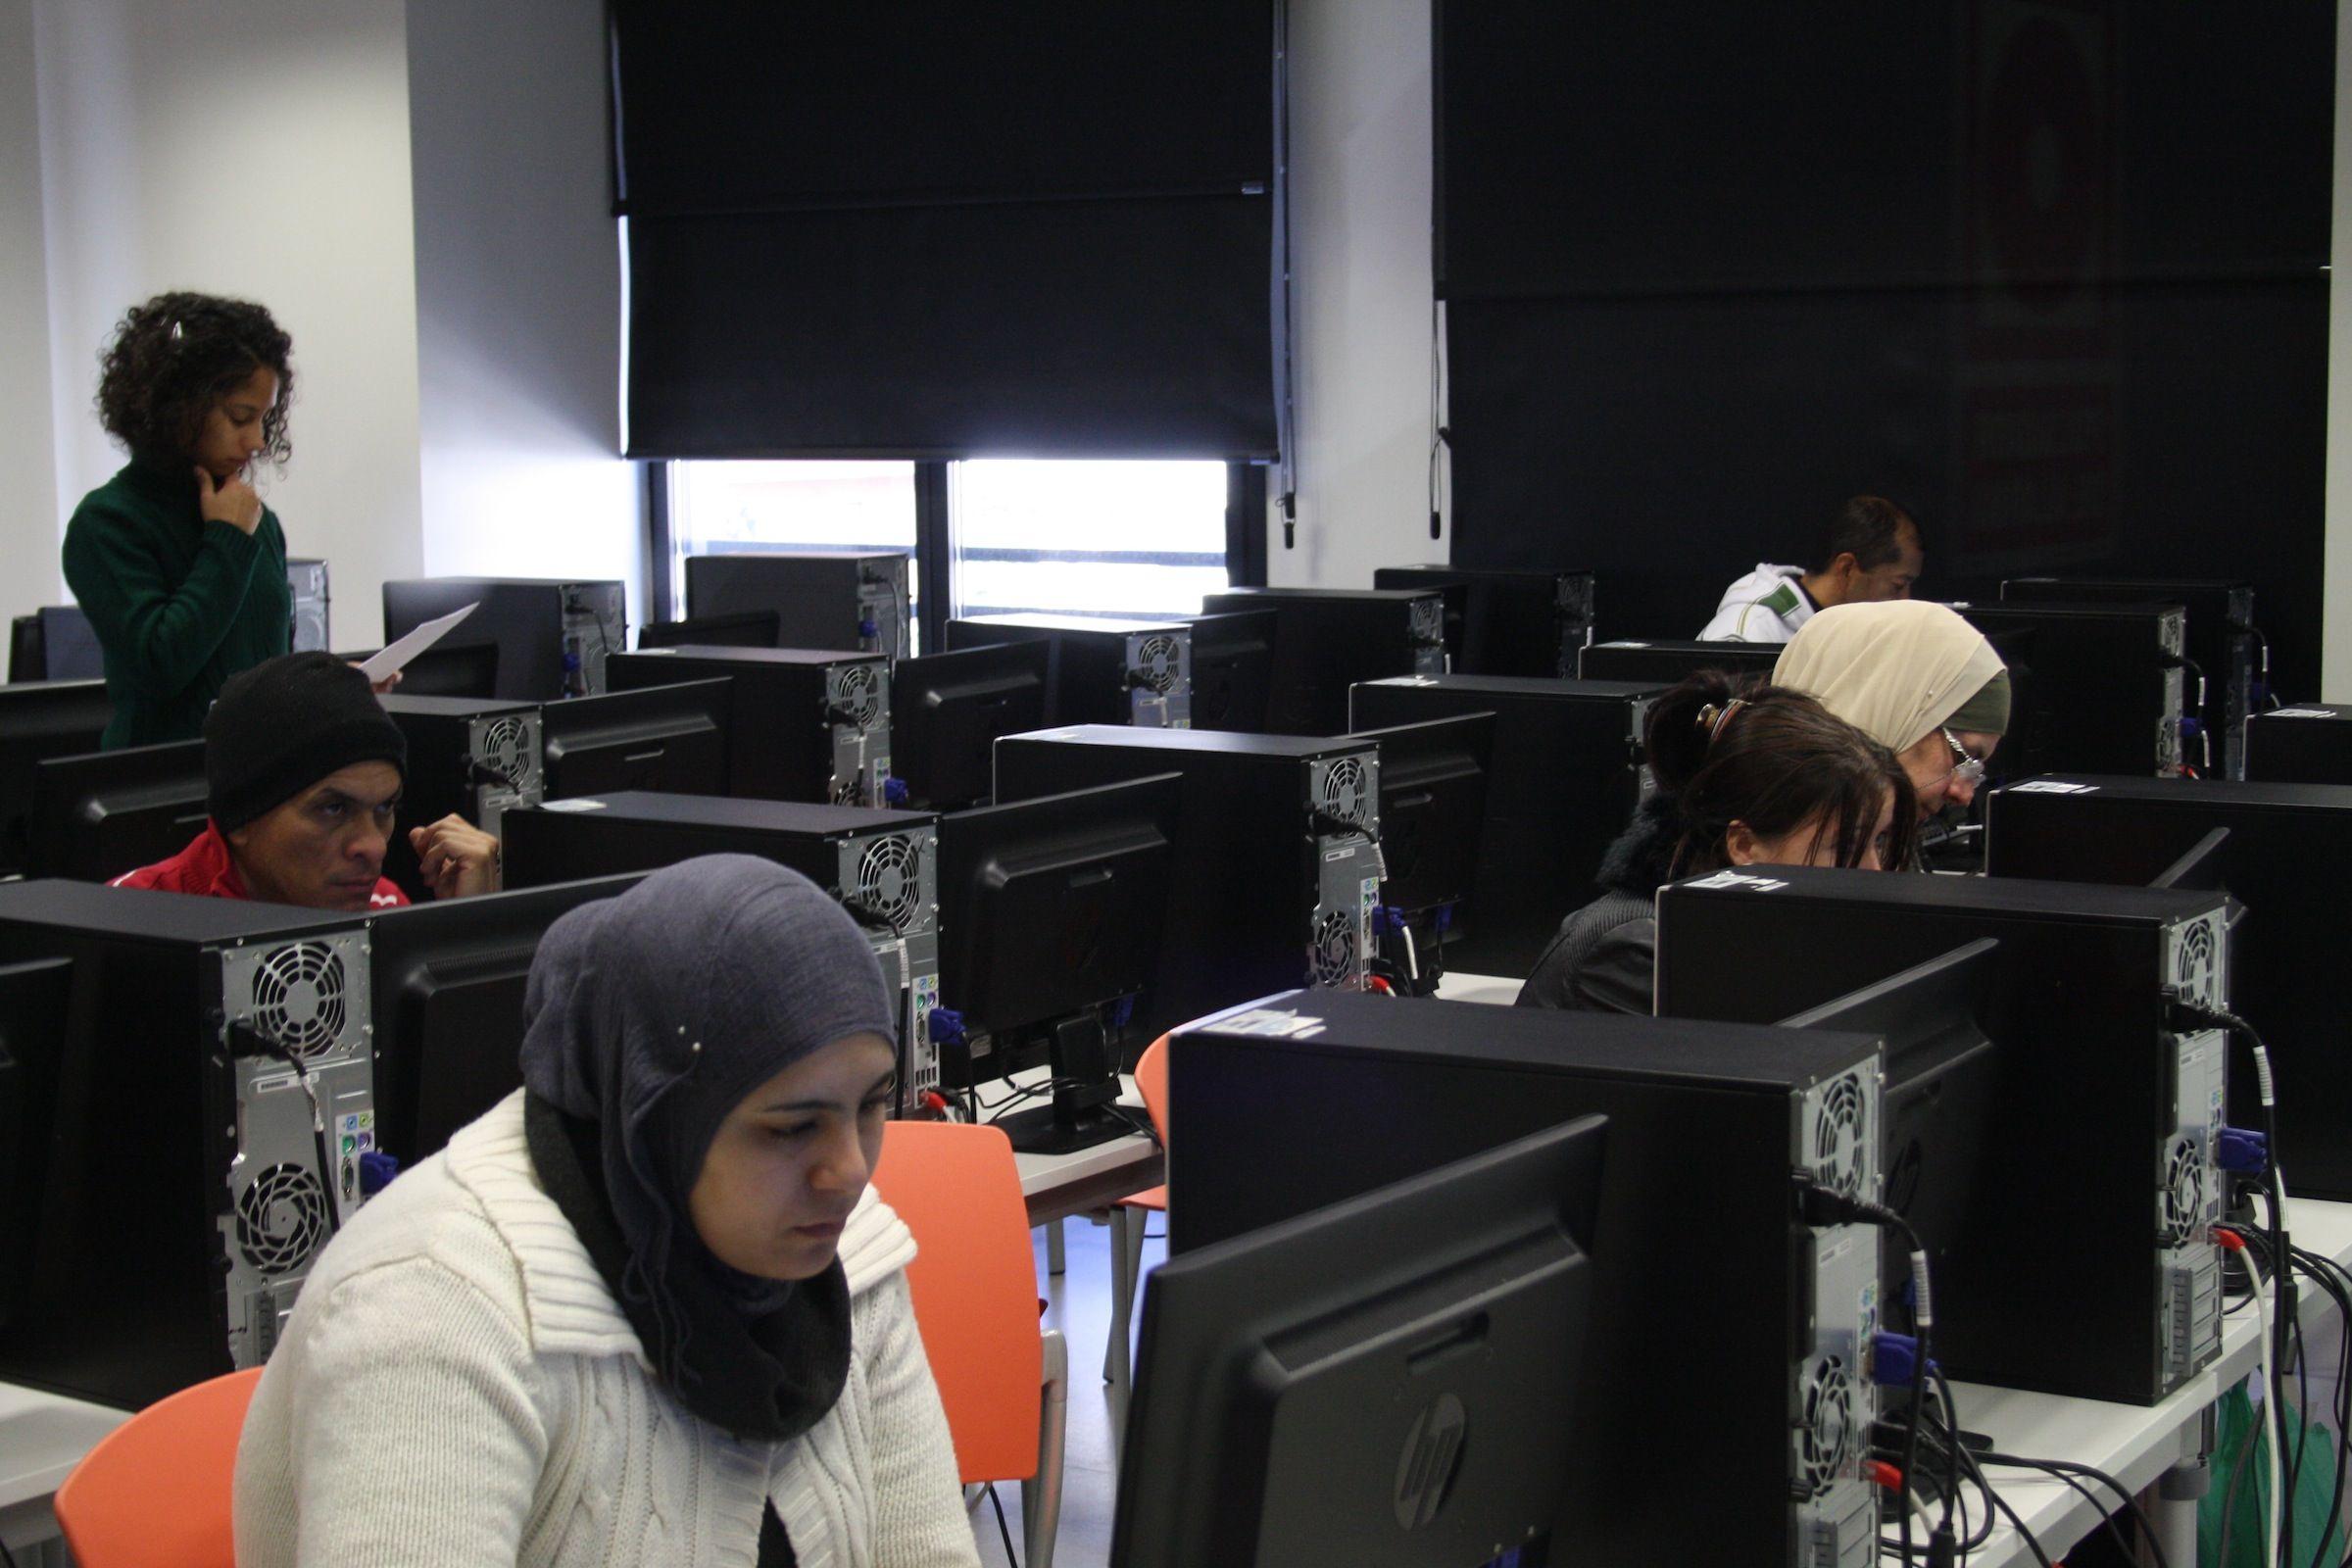 Mujeres inmigrantes, en un curso sobre Internet impartido en la CEU-UCH en Elche.